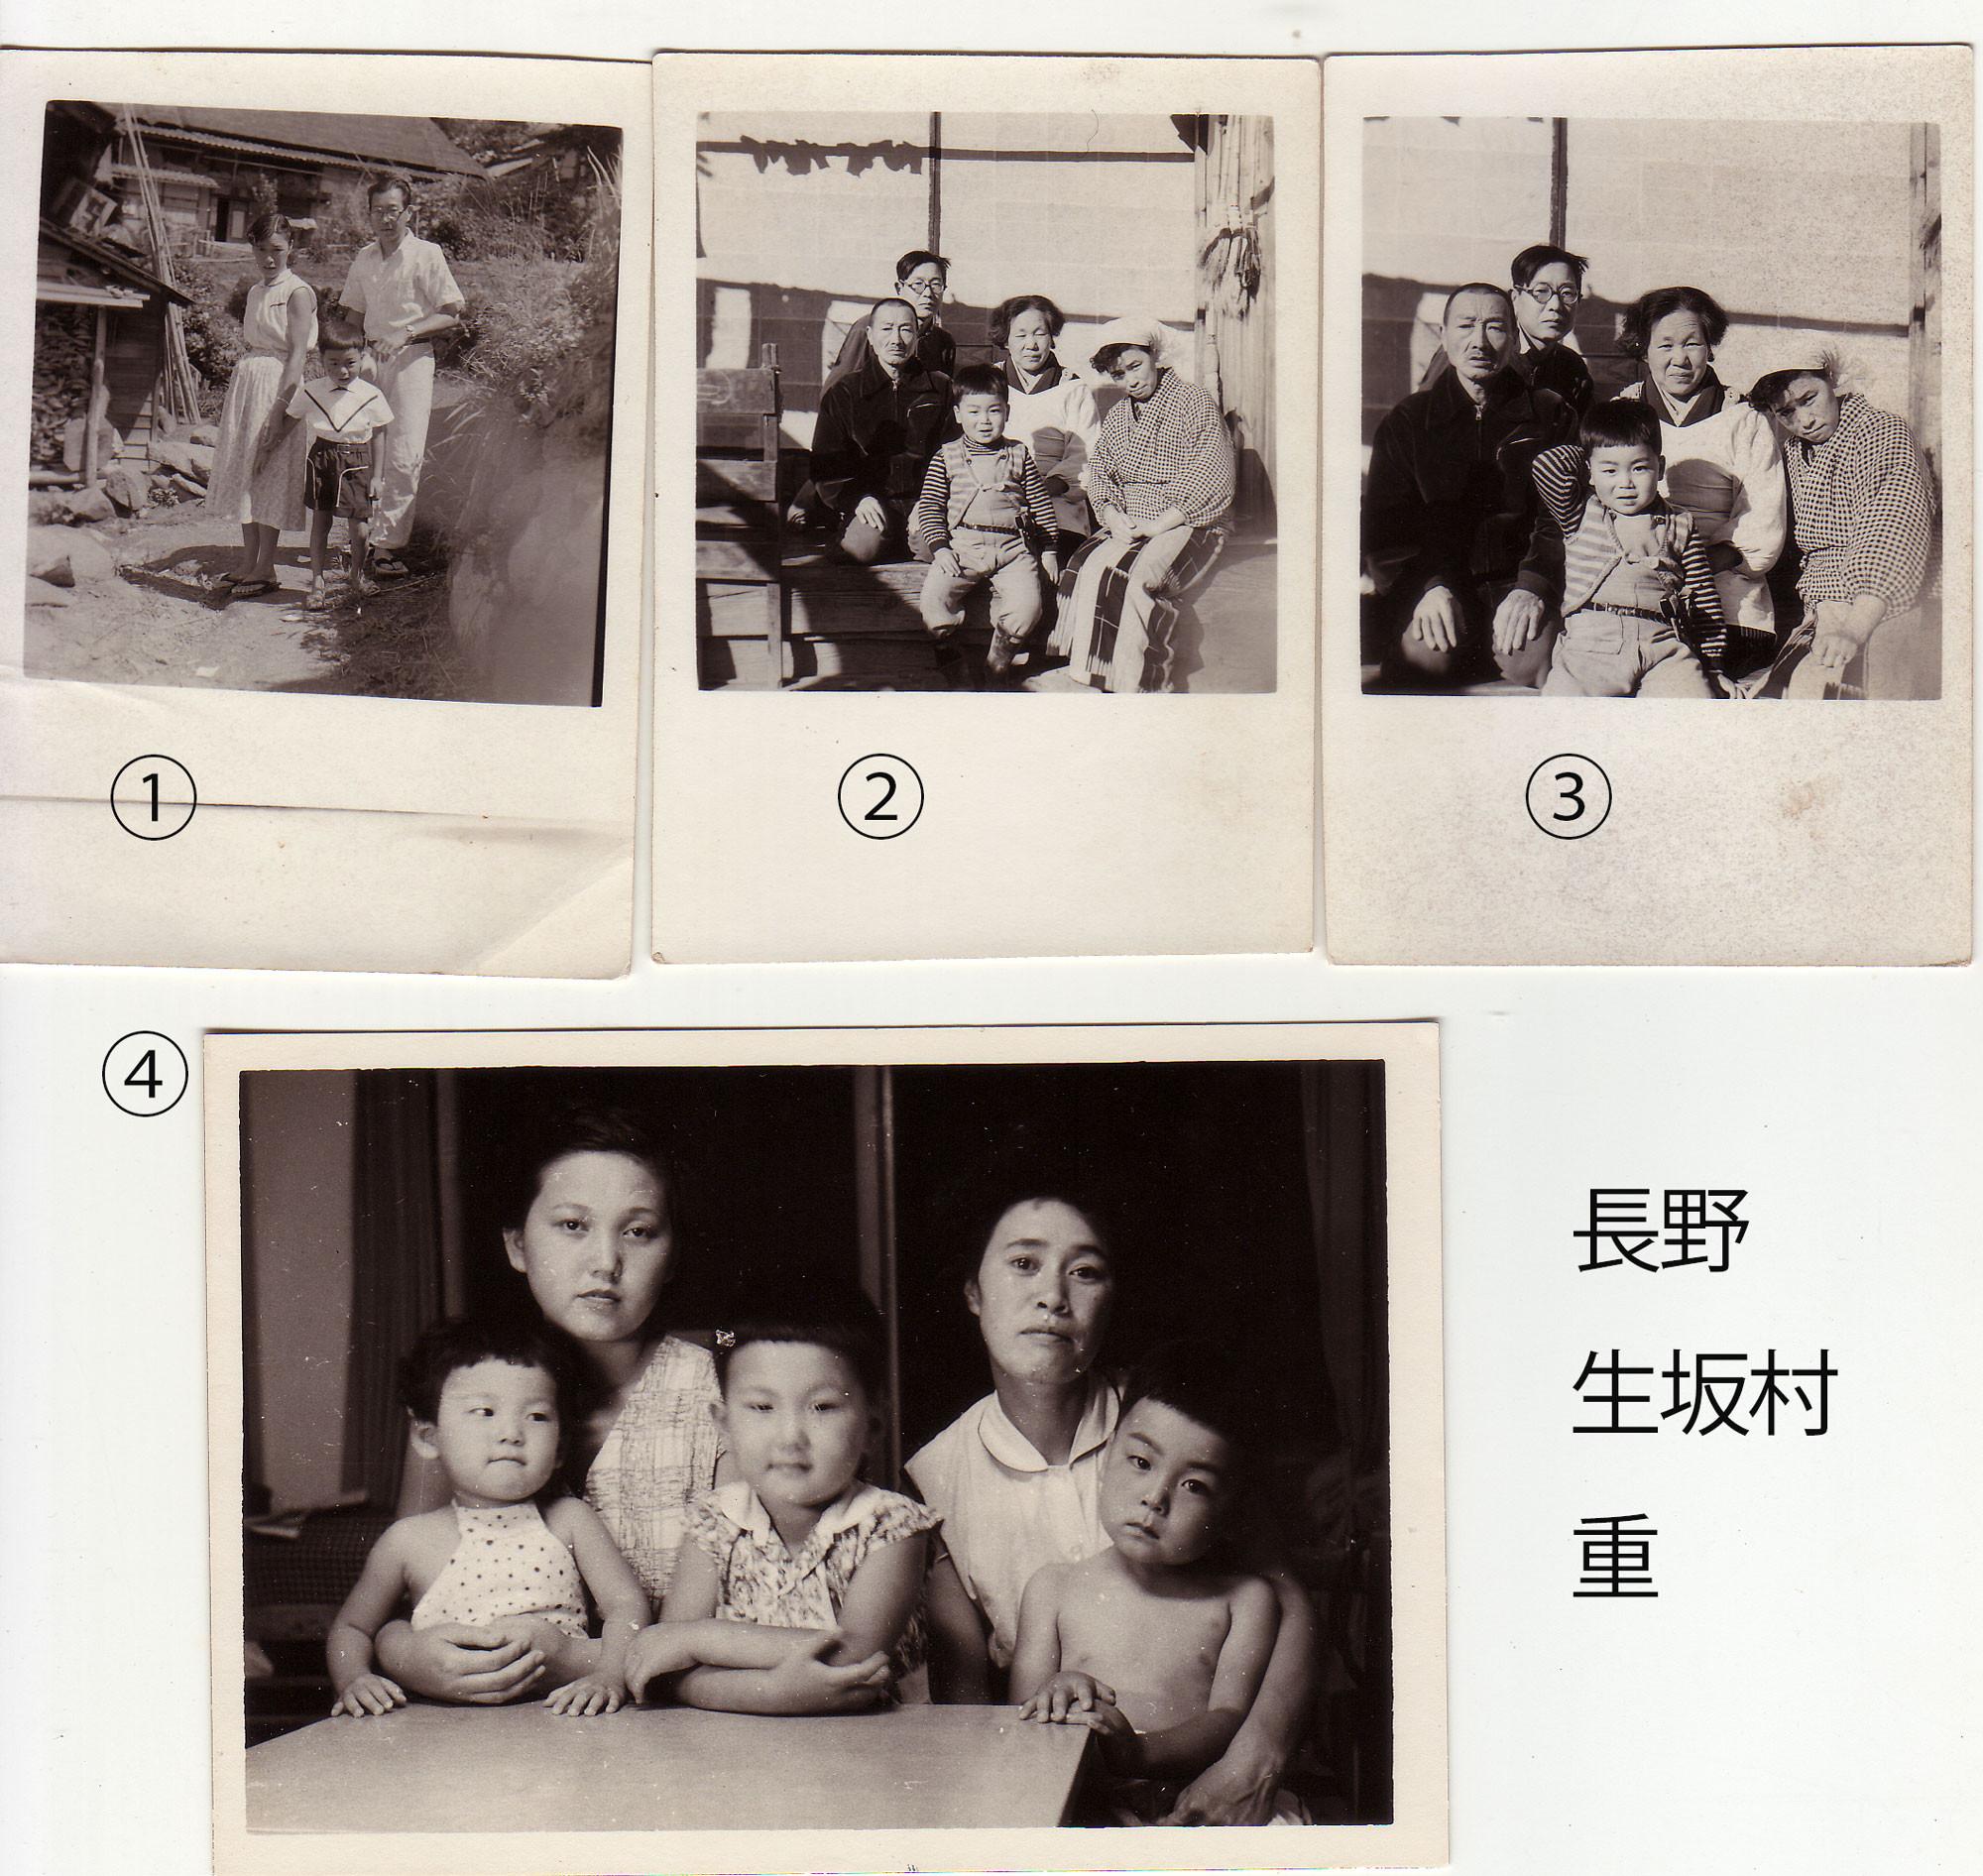 1959年春までに撮ったと思われる写真@永野家に日下村重